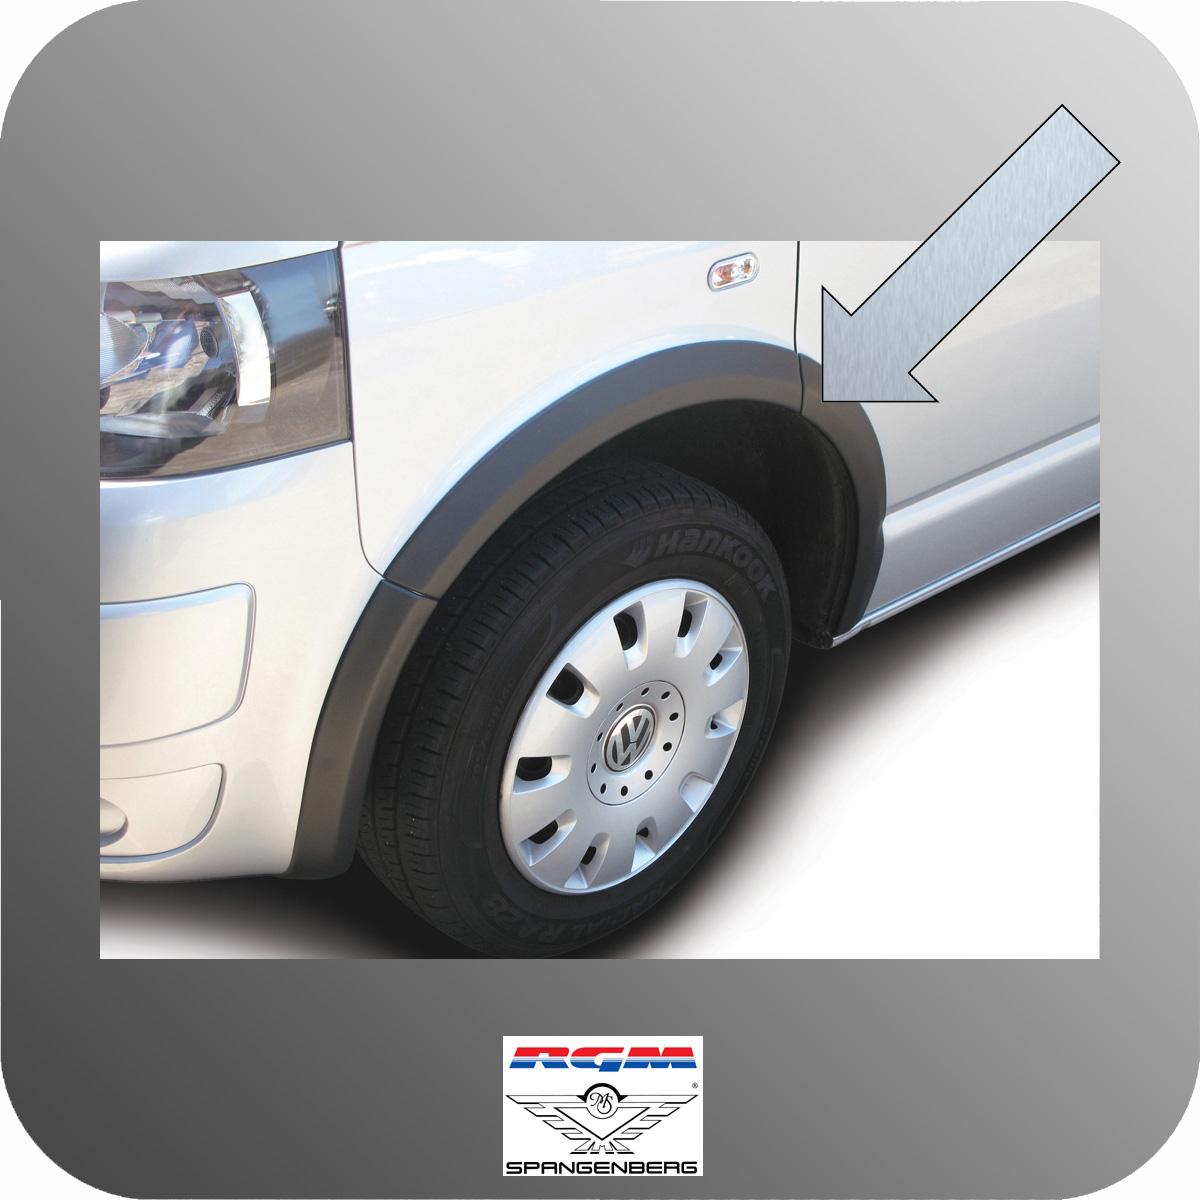 Radlaufabdeckung für VW T5 Radstand kurz 2 Schiebetüren 04.2003-01.2015 7420253